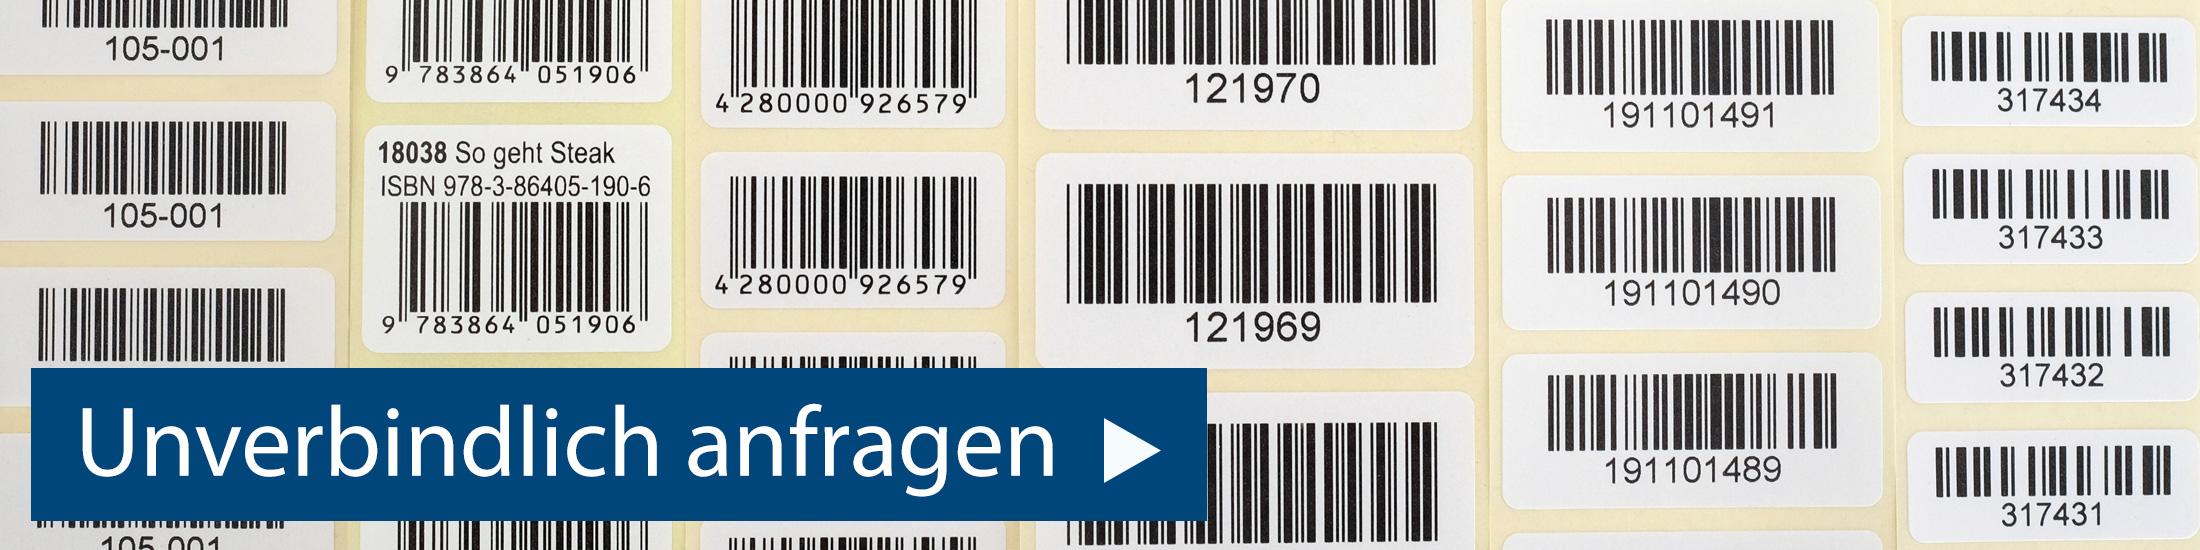 Barcodeetiketten anfragen